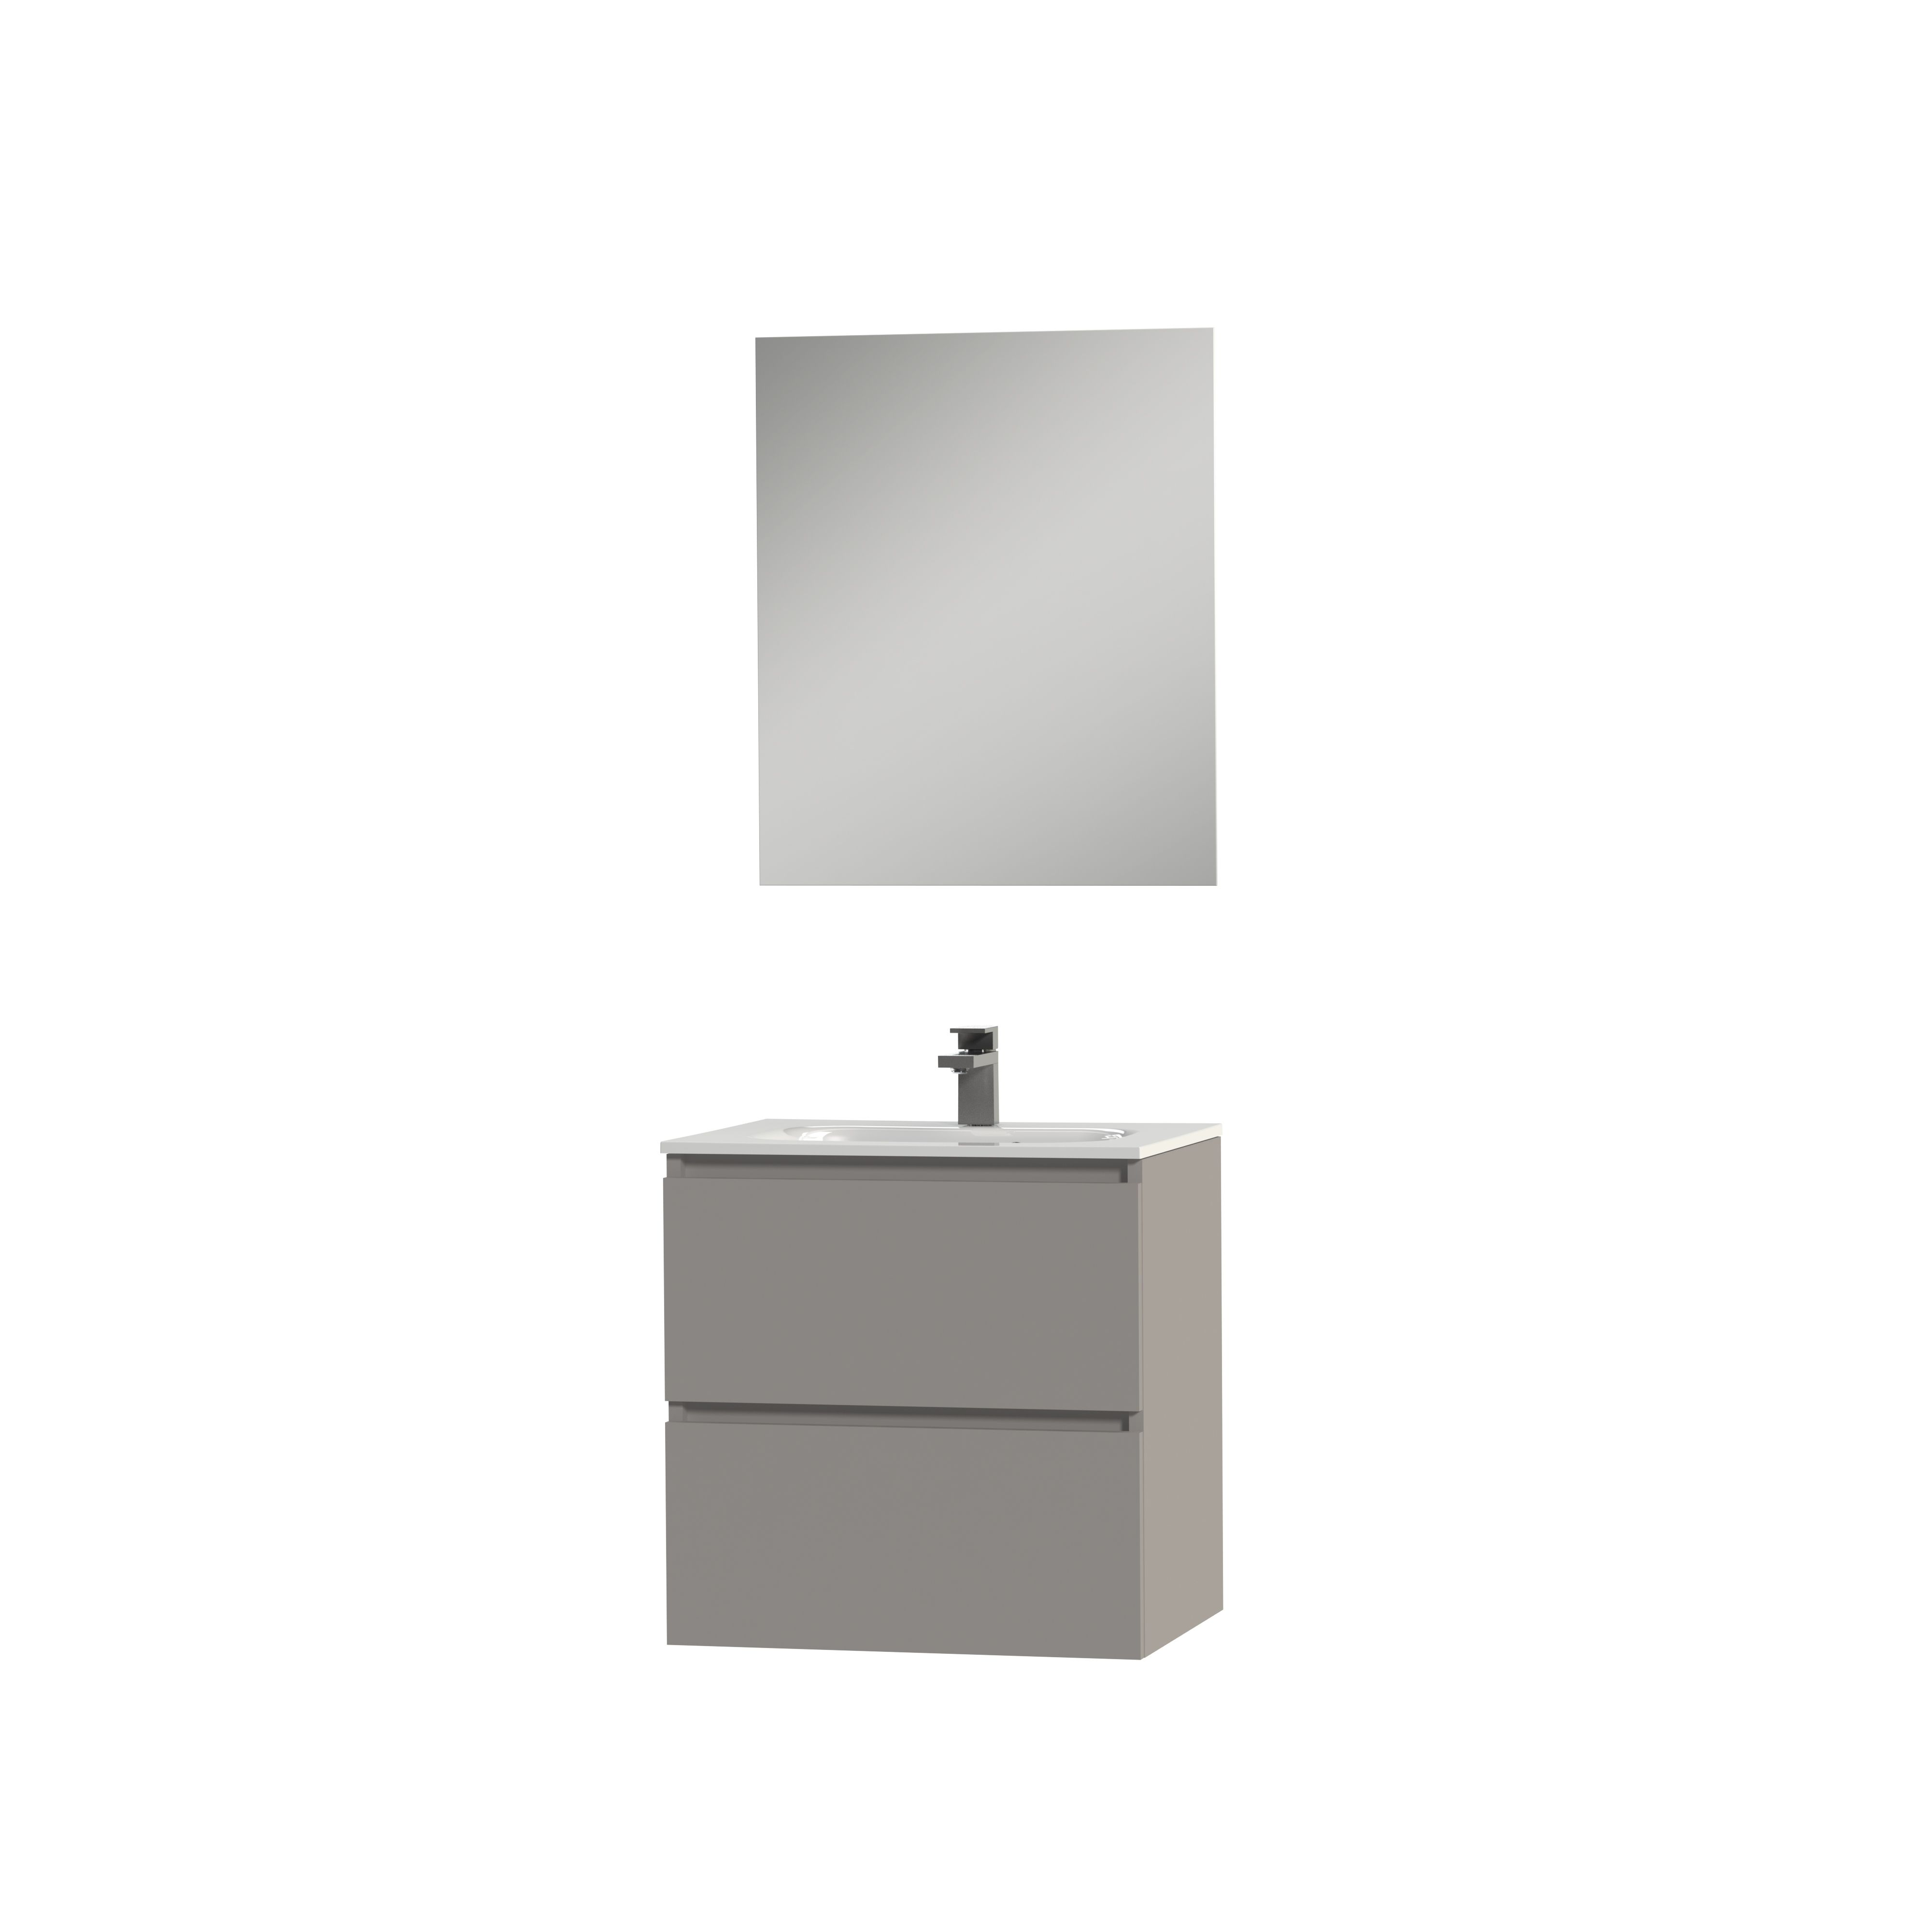 Tiger Loft badmeubel met spiegel en witte wastafel 60cm mat grijs